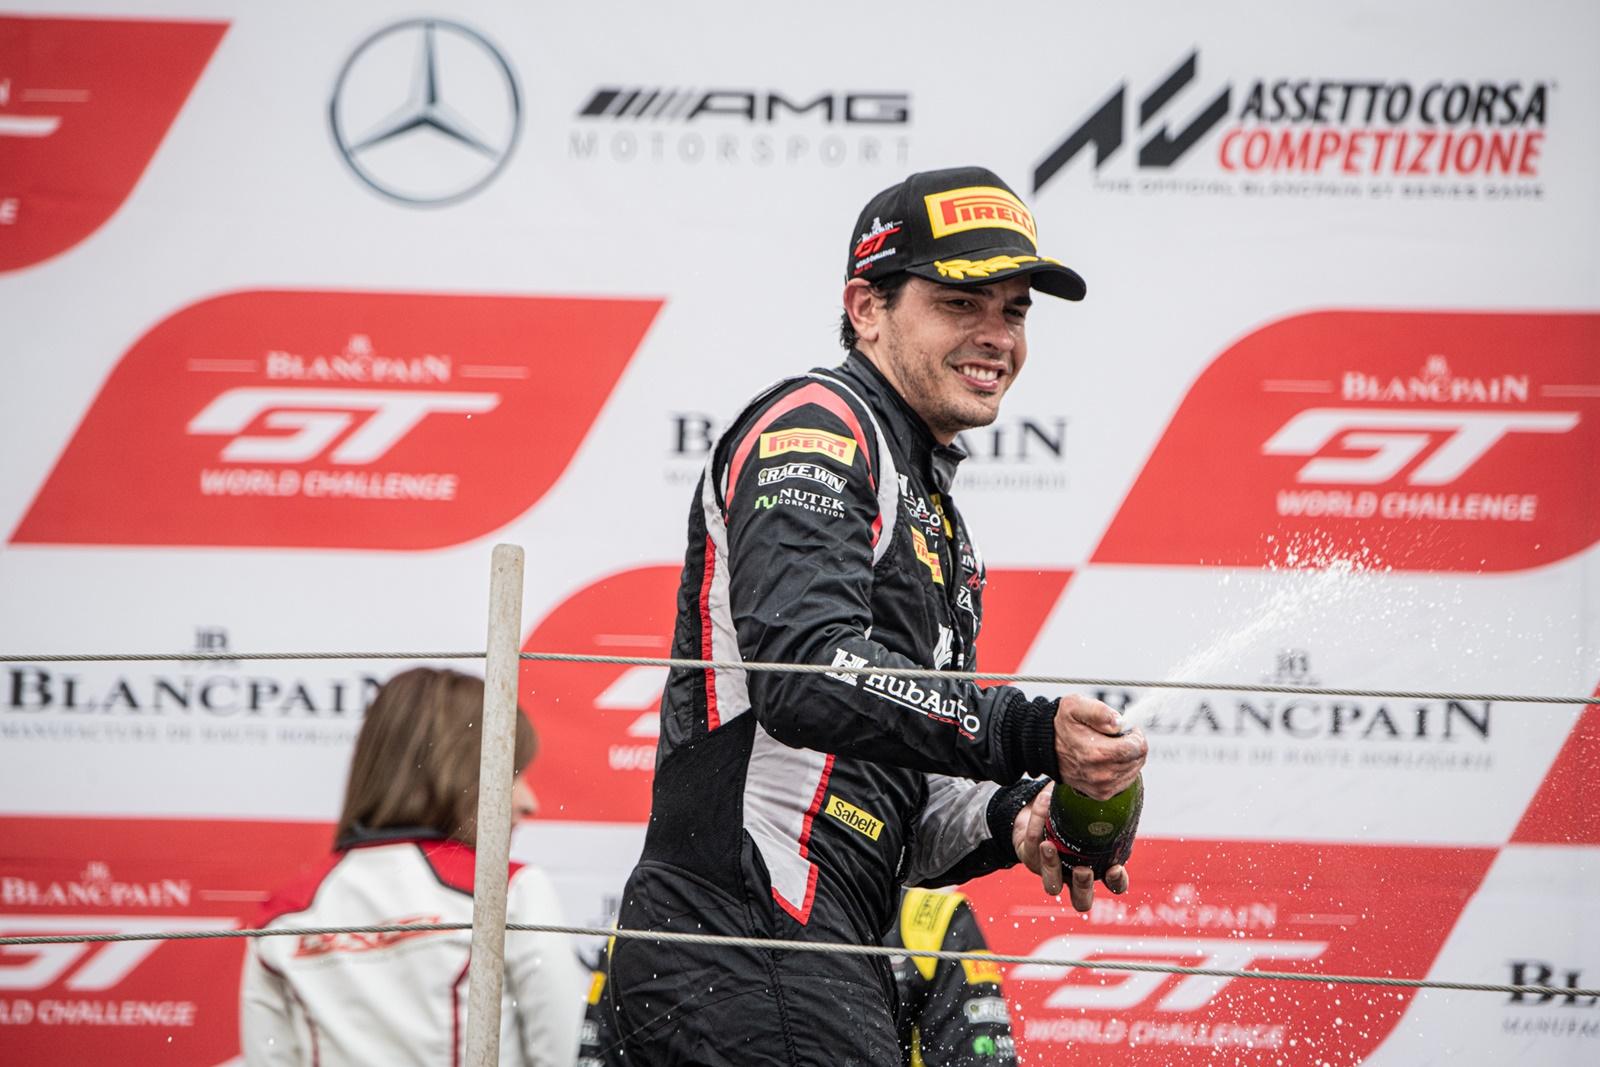 Photo of Blancpain – Em sua estreia no Blancpain World Championship Ásia, Marcos Gomes conquista a segunda colocação